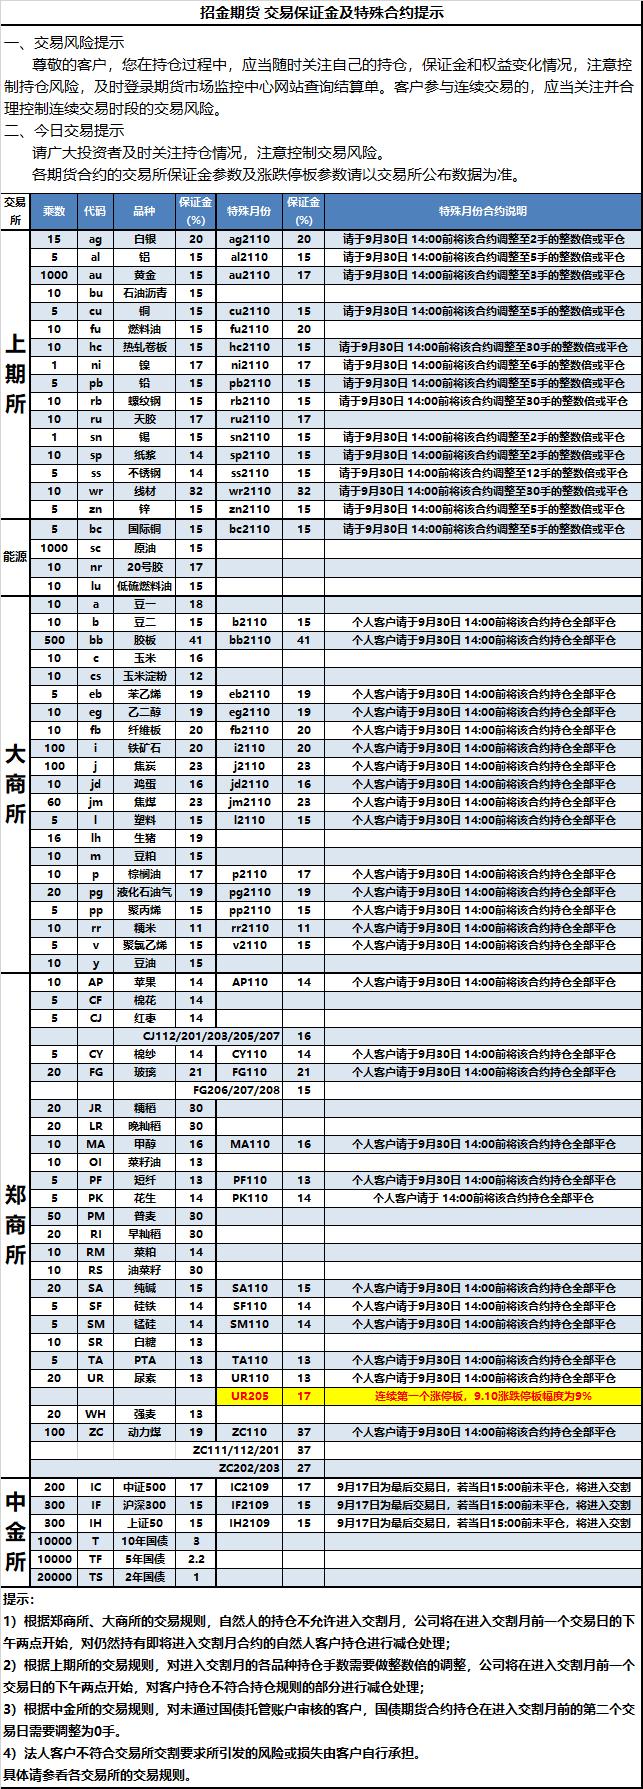 2021-9-10交易保证金